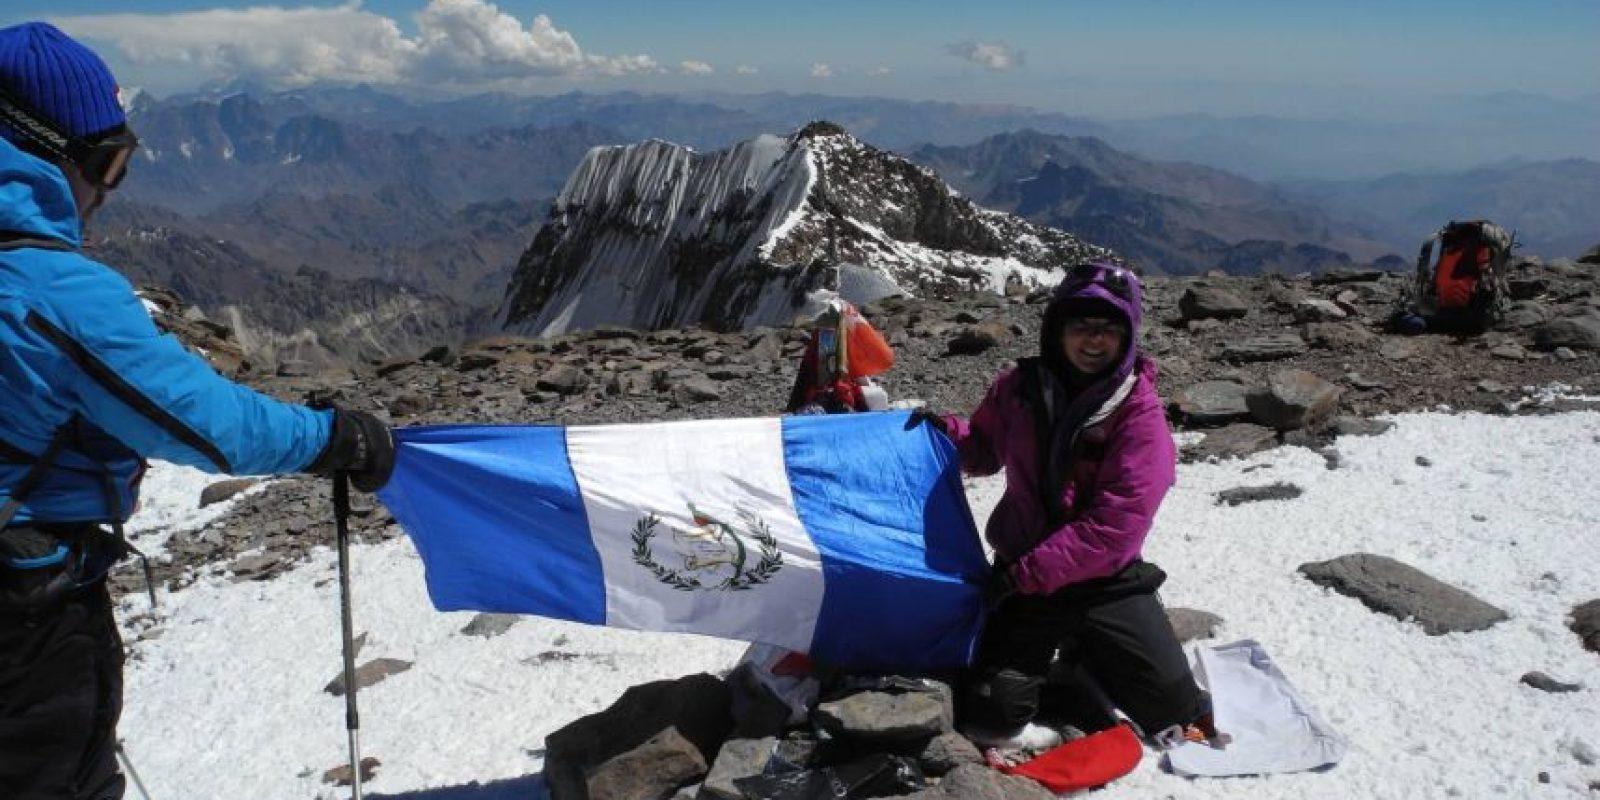 Bárbara Padilla, quien lleva 23 años como andinista espera reunir a 10 mil personas en el ascenso al Pacaya. Foto:Facebook Bárbara Padilla